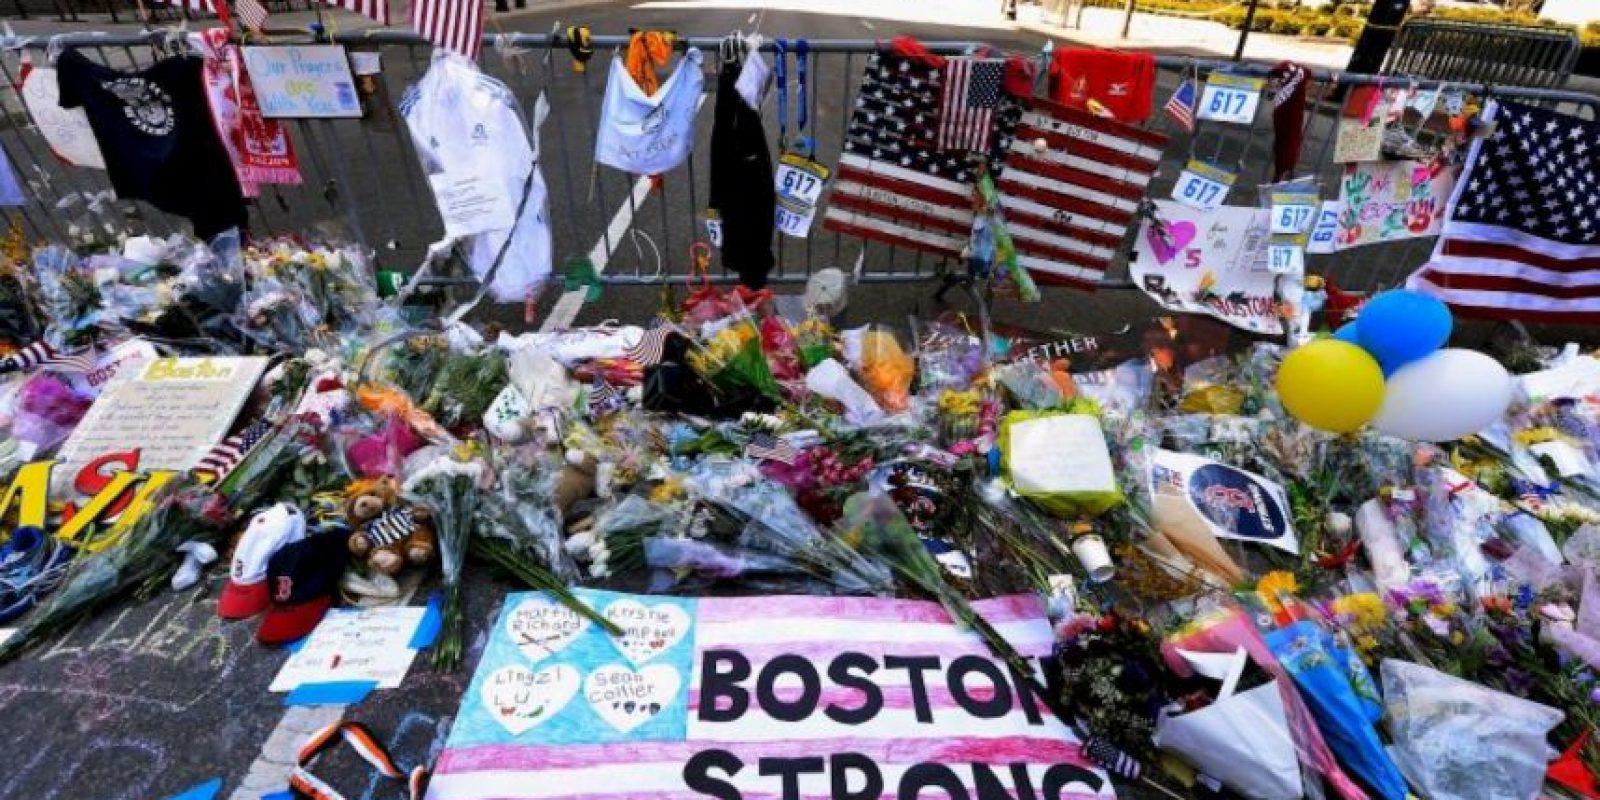 Durante el atentado murieron tres personas. Foto:Getty Images